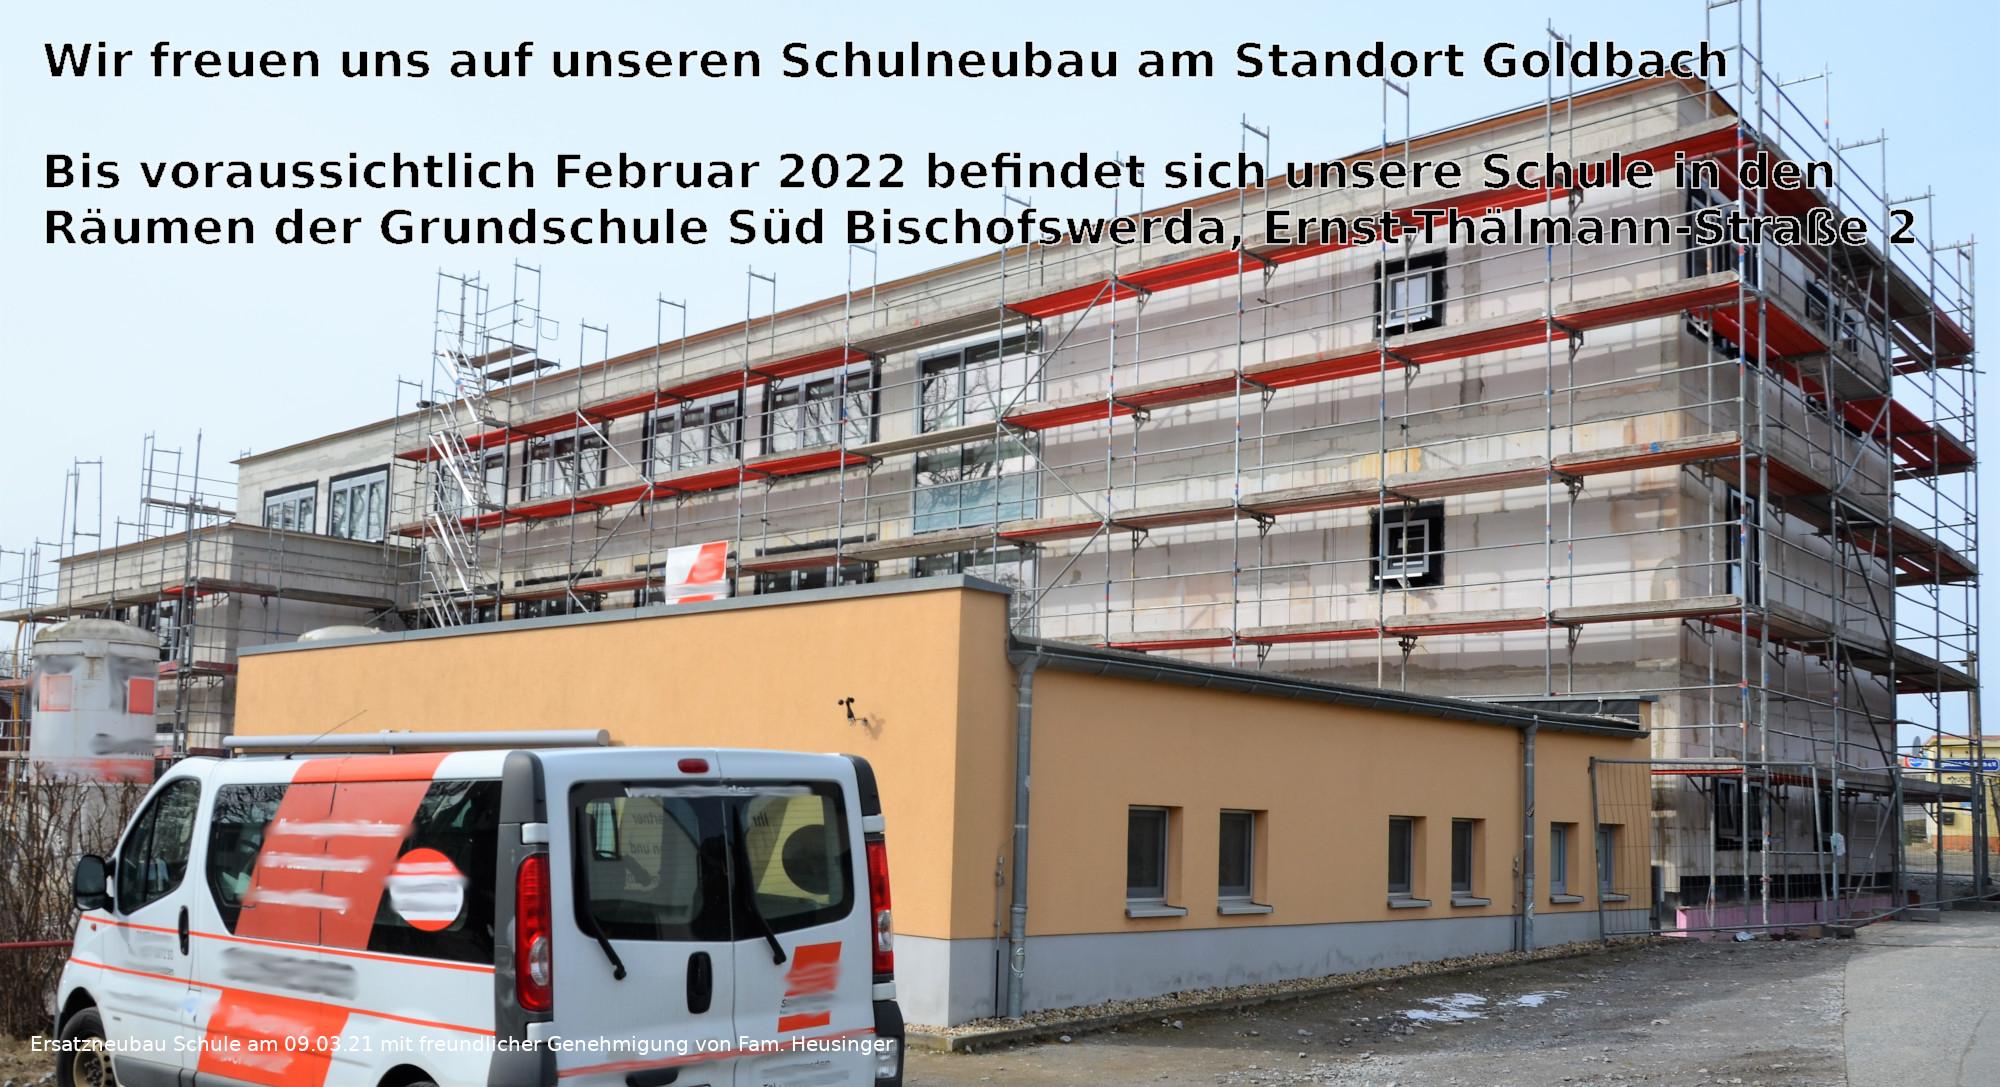 Grundschule Goldbach, Bischofswerda